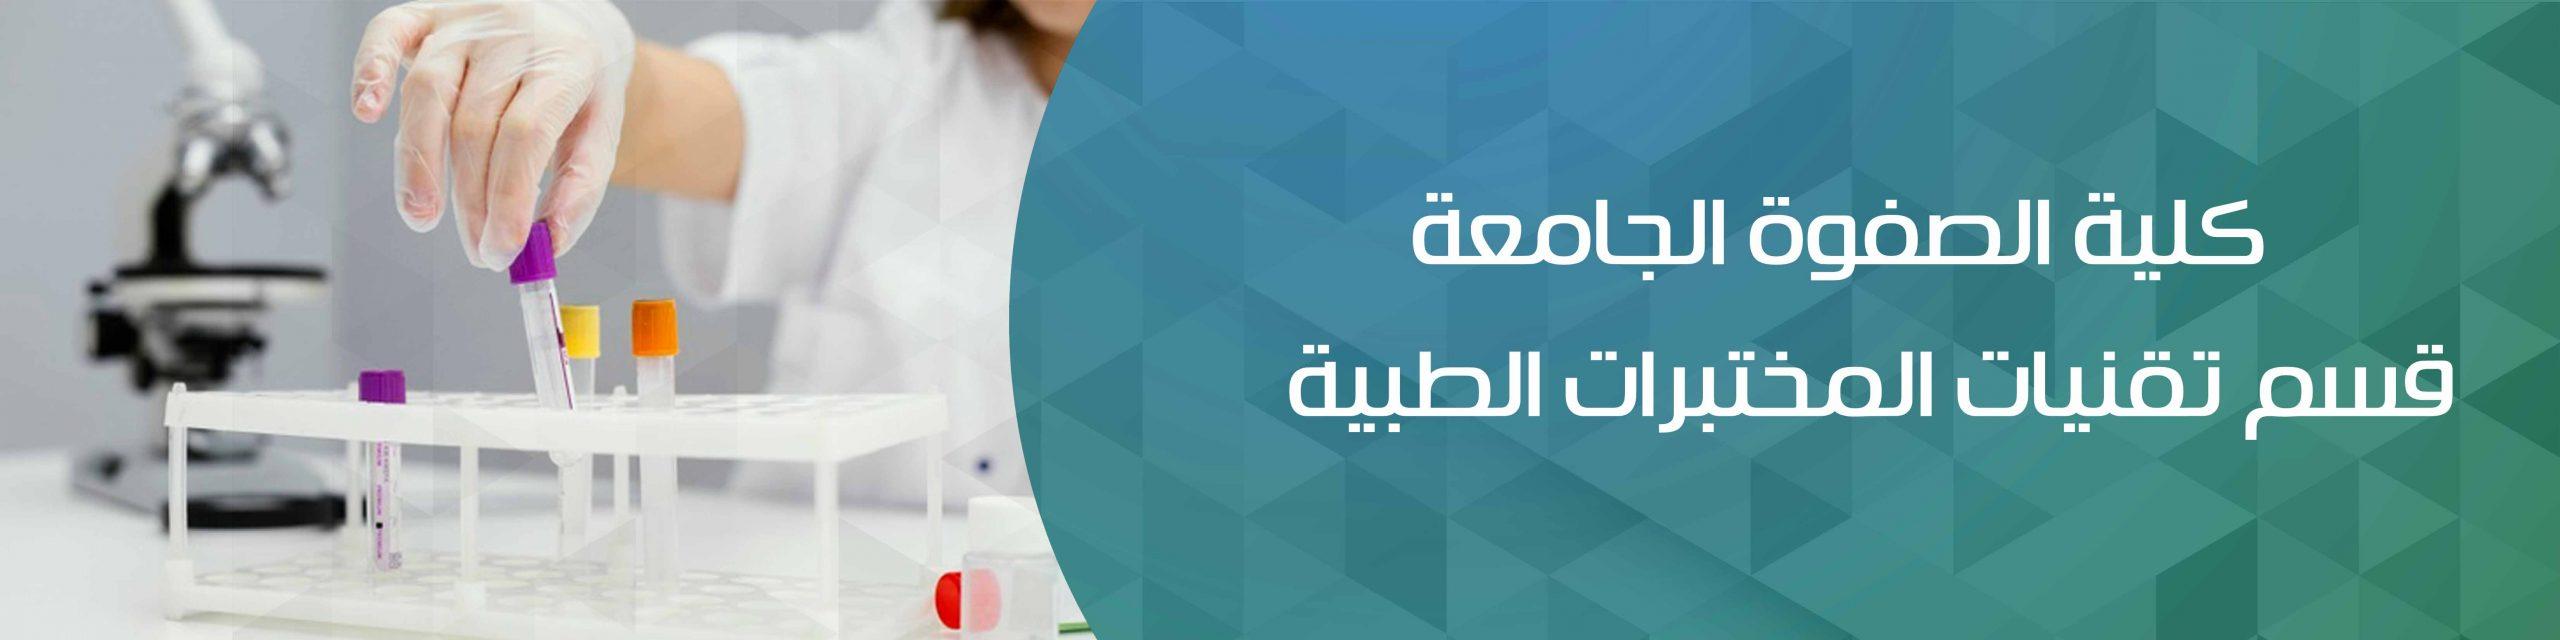 قسم تقنيات المختبرات الطبية -كلية الصفوة الجامعة